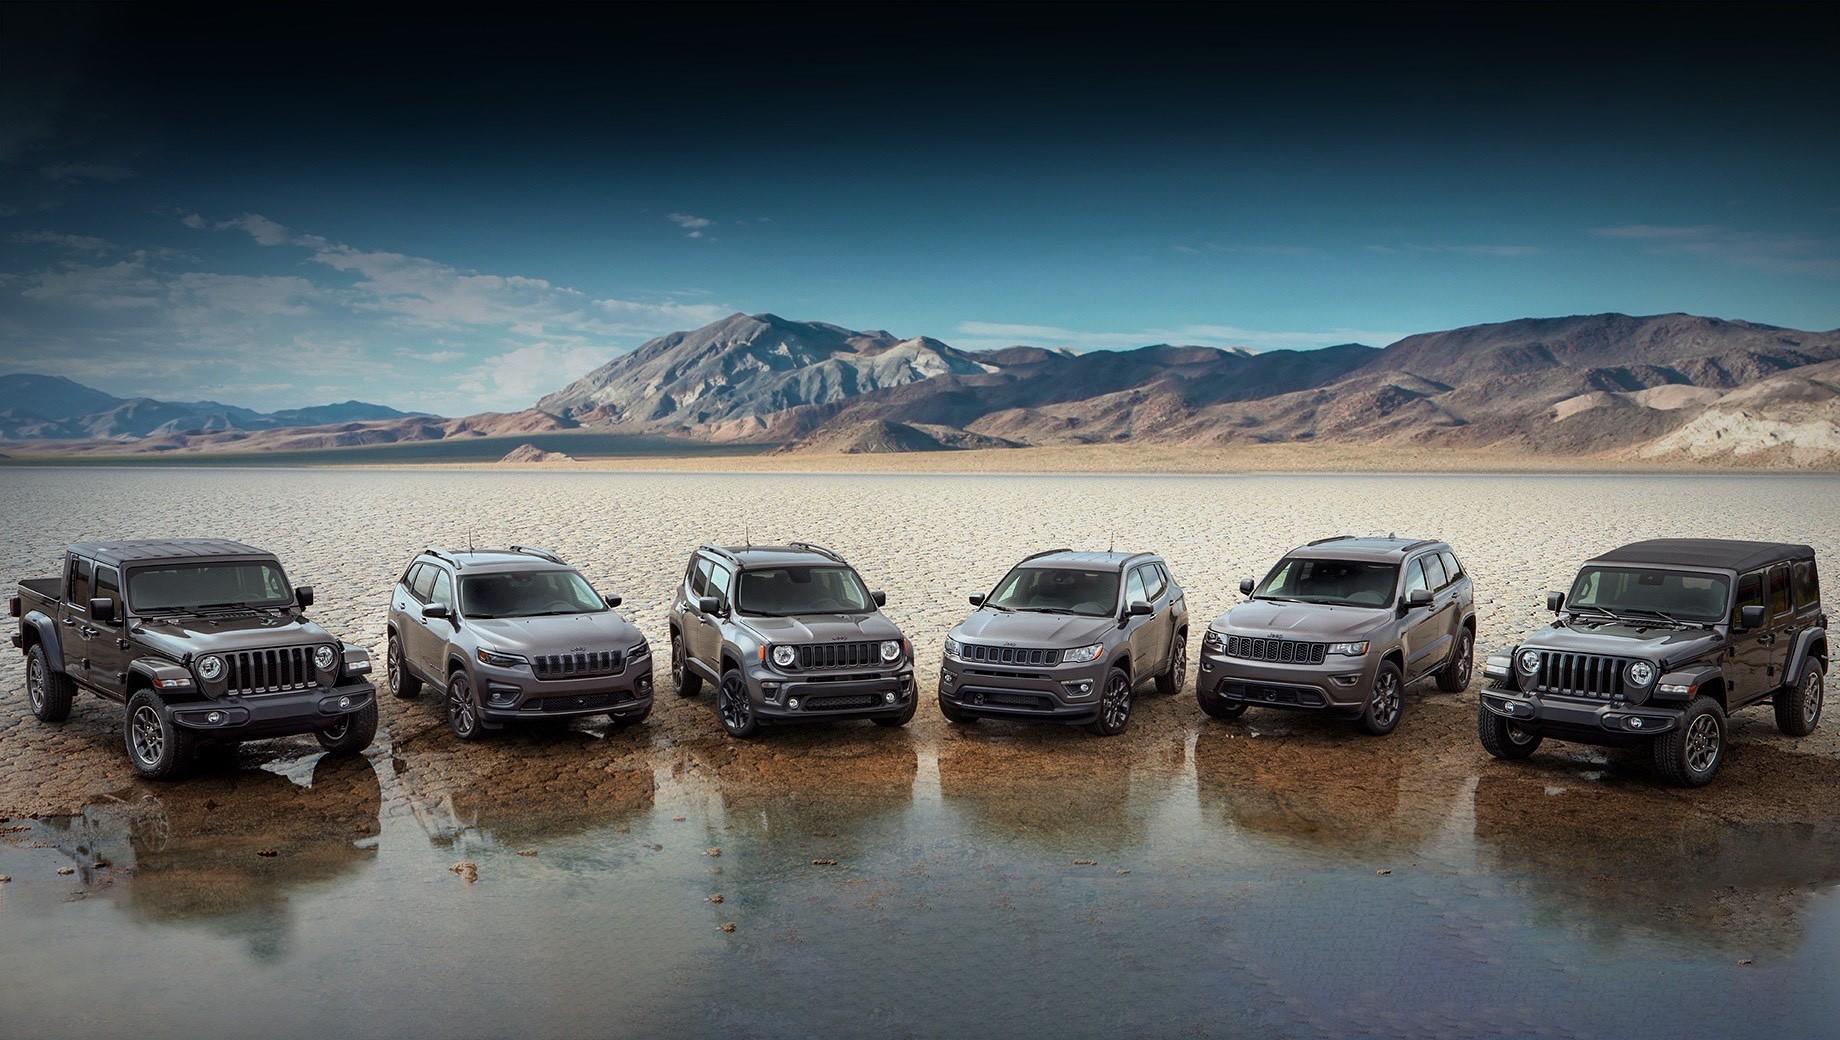 Jeep renegade,Jeep grand cherokee,Jeep wrangler,Jeep compass,Jeep gladiator,Jeep cherokee. Юбилейные автомобили Jeep поступят к дилерам в четвёртом квартале 2020-го, но заказы уже принимаются. И на все машины 2021 модельного года распространяется новая программа обслуживания клиентов Jeep Wave с бесплатной заменой масла и шин на протяжении трёх лет, круглосуточной поддержкой по телефону или онлайн и VIP-доступом на мероприятия бренда.